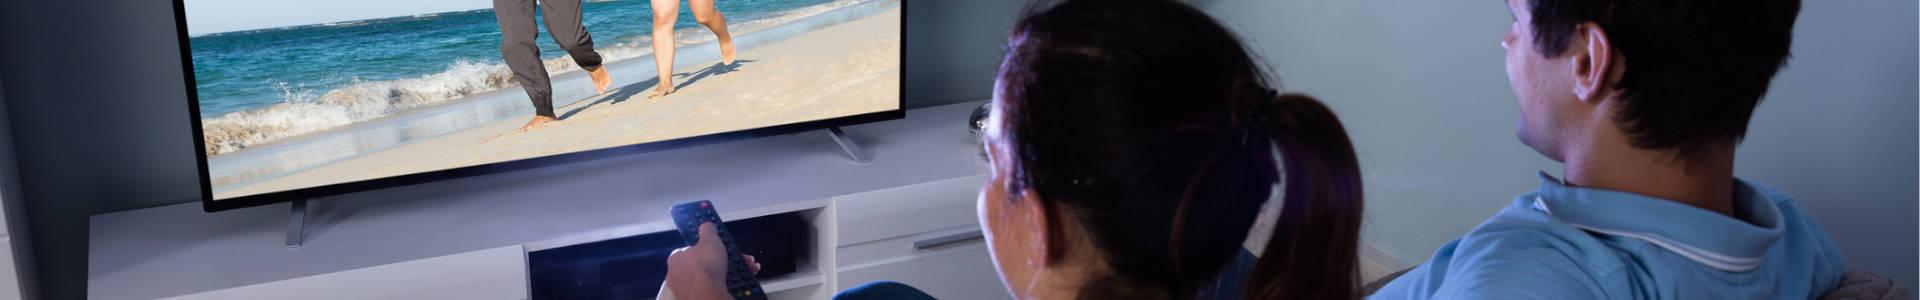 Fernseher mit USB-Recording